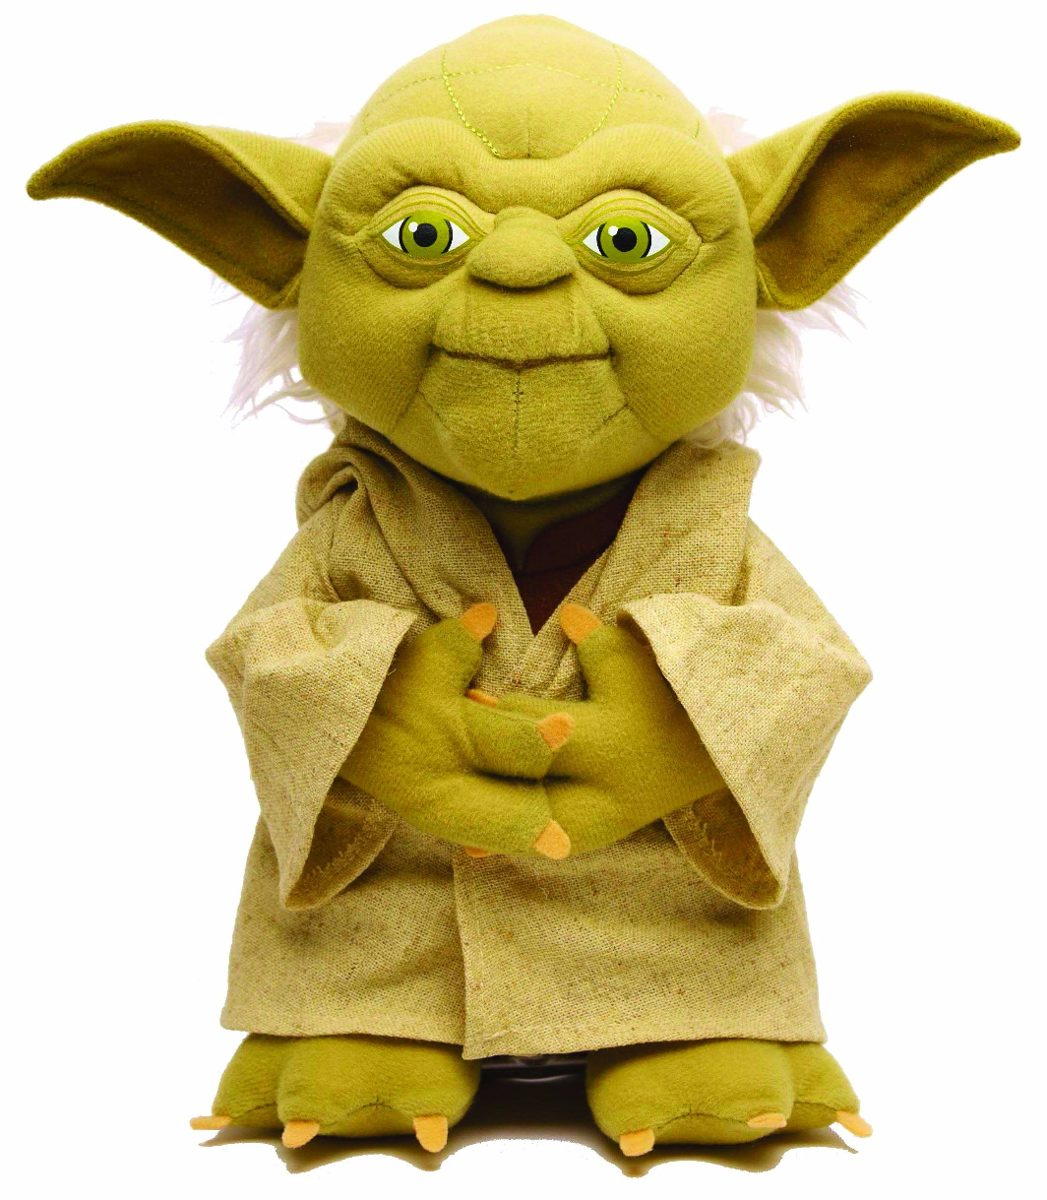 Aparador Sala De Jantar Moderno ~ Boneco De Pelúcia Mestre Yoda Star Wars Guerra Nas Estrelas R$ 89,90 em Mercado Livre